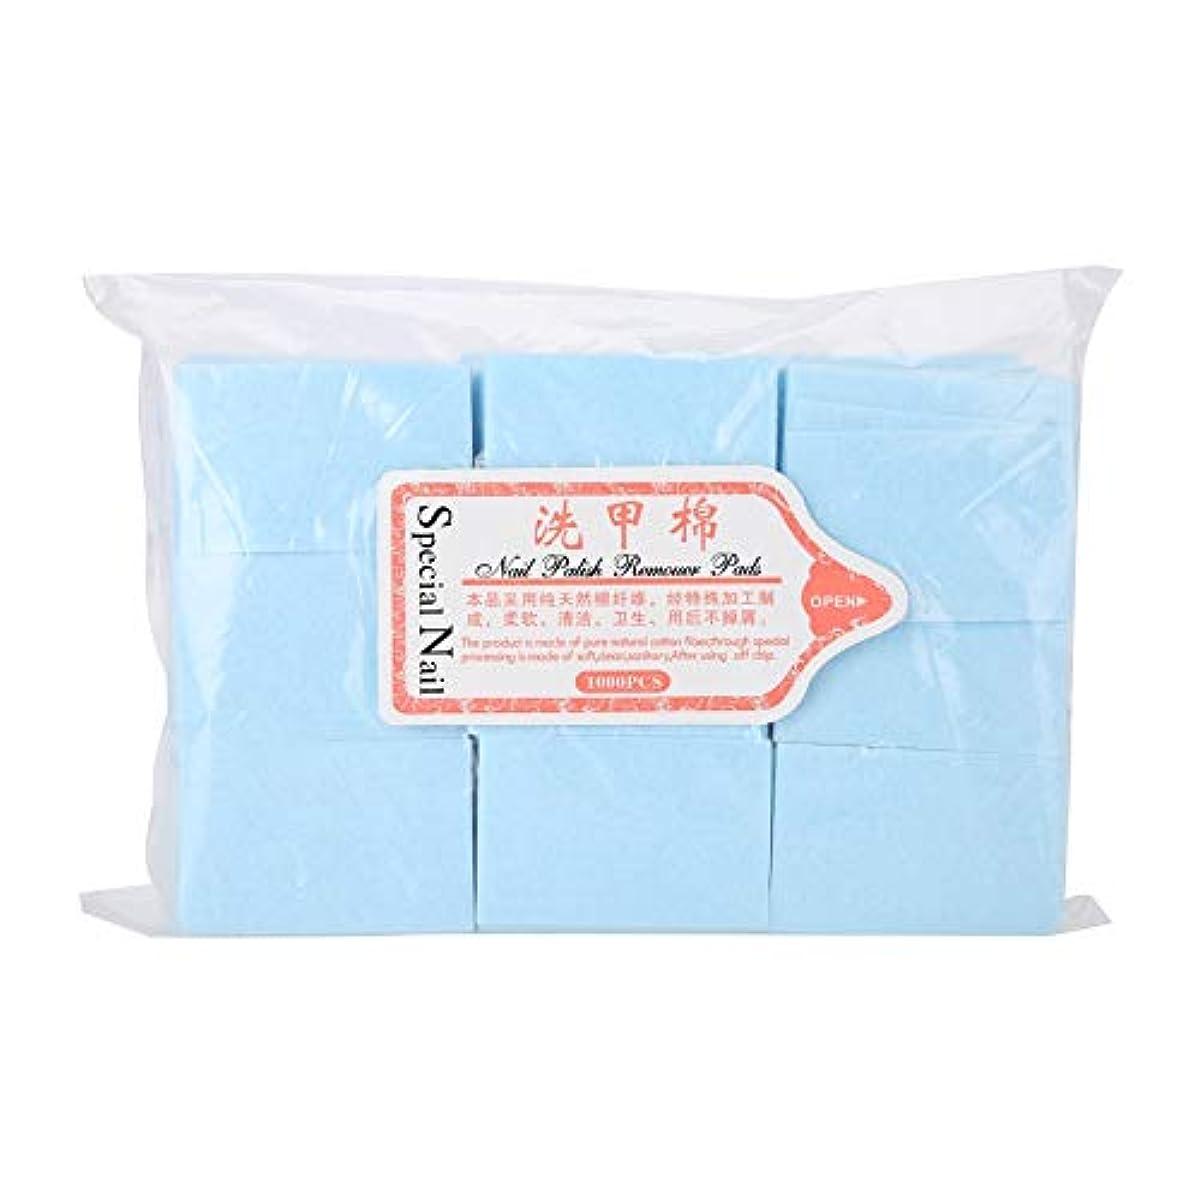 処分した指暖かさジェルオフリムーバー 630個コットンパッド 使い捨ておよびハードネイルポリッシュリムーバーワイプ メイクアップクリーナーコットンワイプ(ブルー)